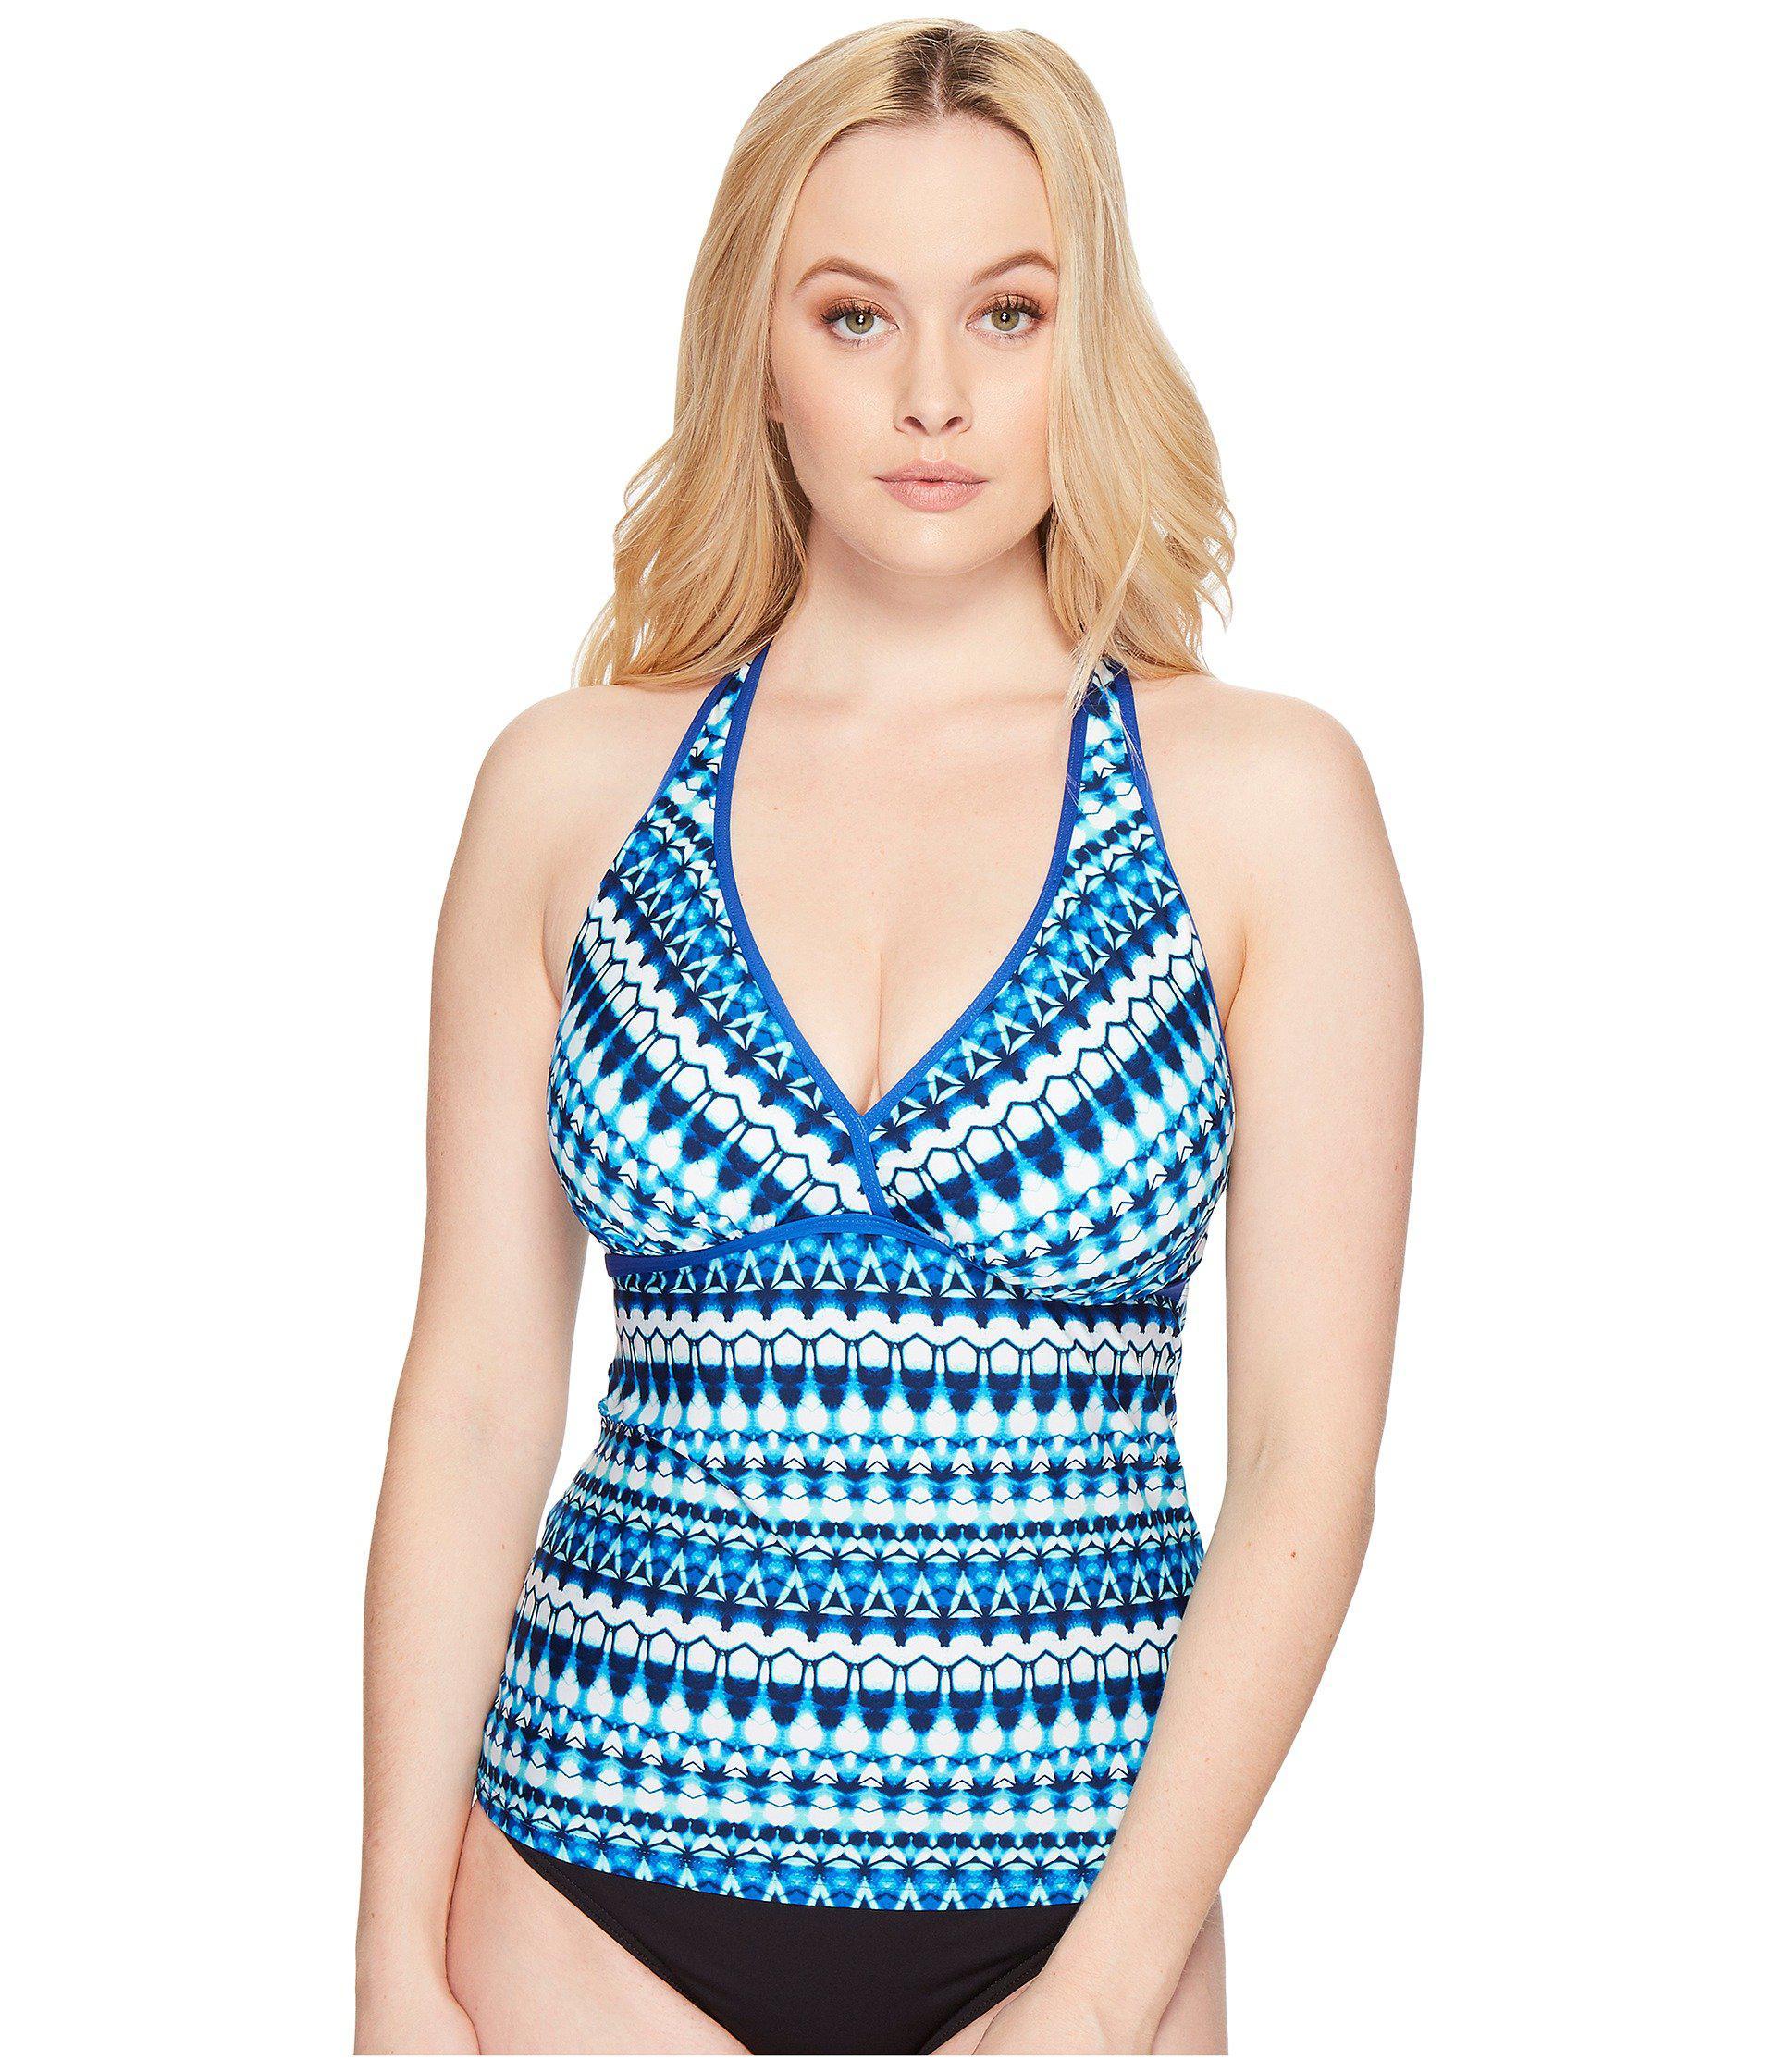 ffc185260aa4b Lyst - Jantzen Tie-dye Geo Stripe D/dd H-back Tankini Top in Blue